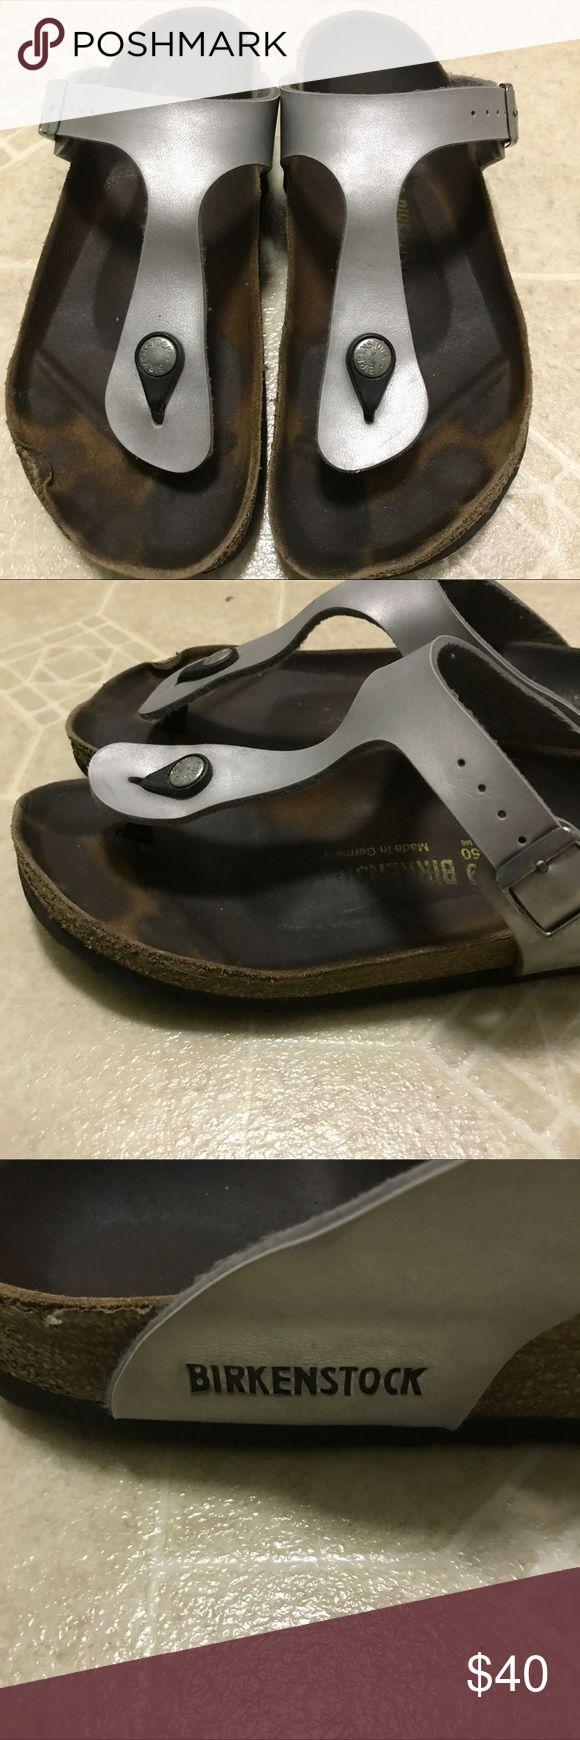 Birkenstocks Birkenstocks Gizeh Silver Birkenstock Shoes